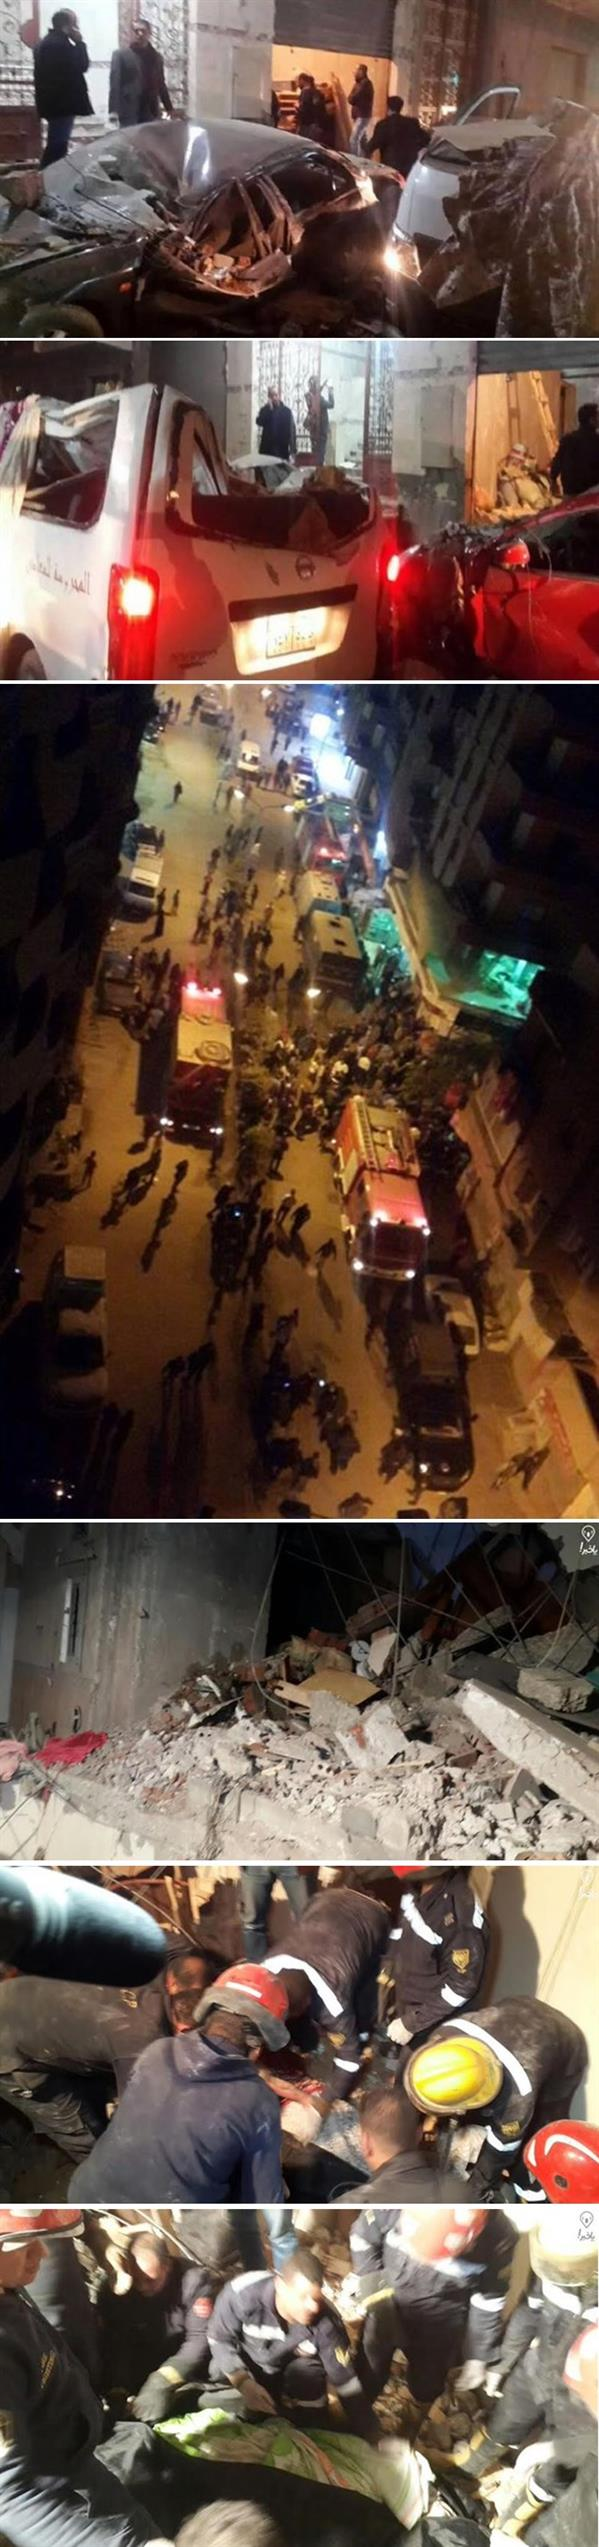 مصر : قتلى وجرحى بانفجار في شارع الهرم